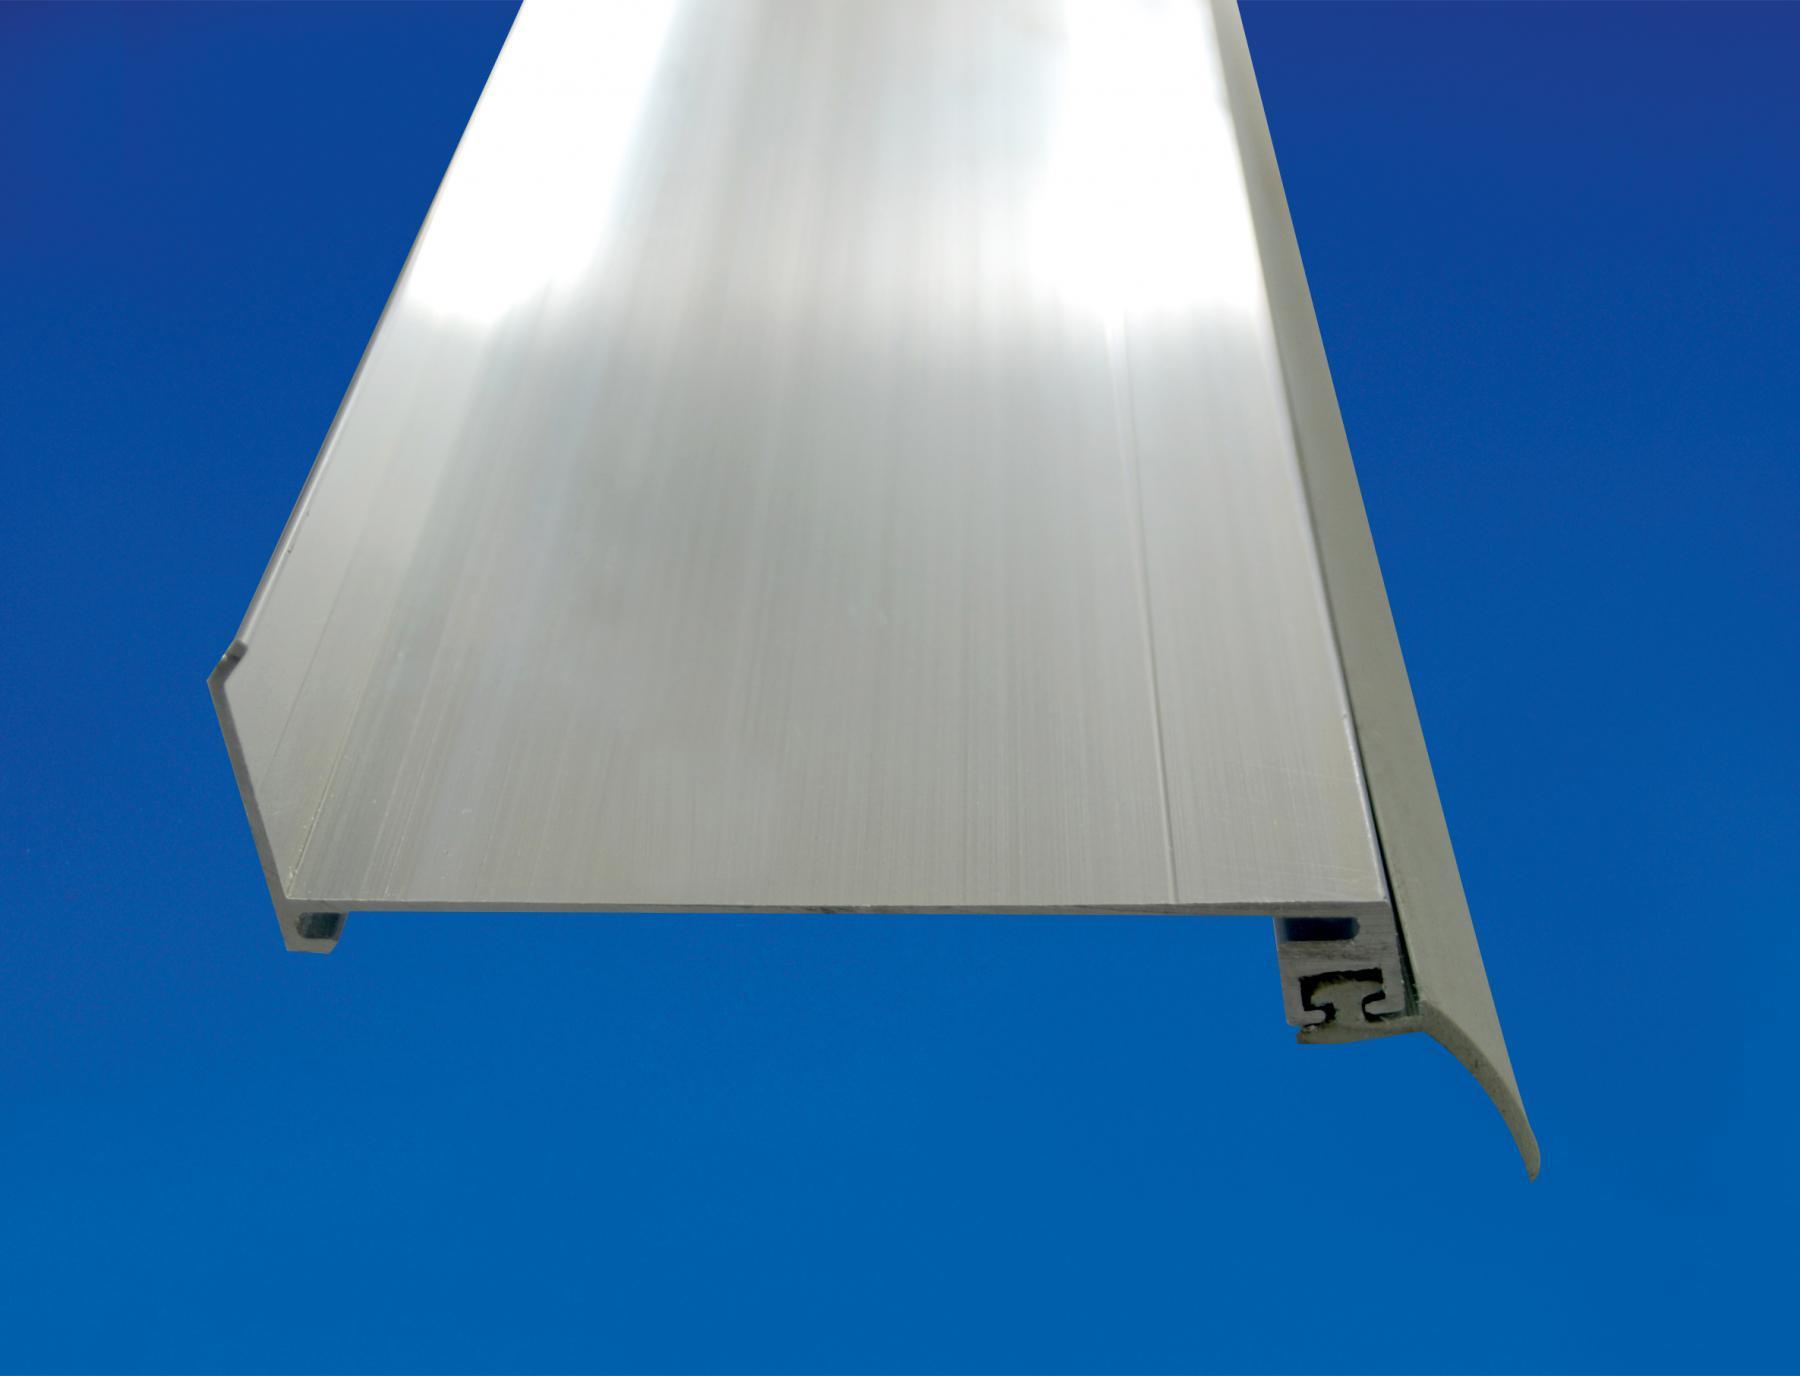 aluminium wandanschluss f r flexible wandanschl sse und zur abdichtung an der hauswand l nge 2. Black Bedroom Furniture Sets. Home Design Ideas